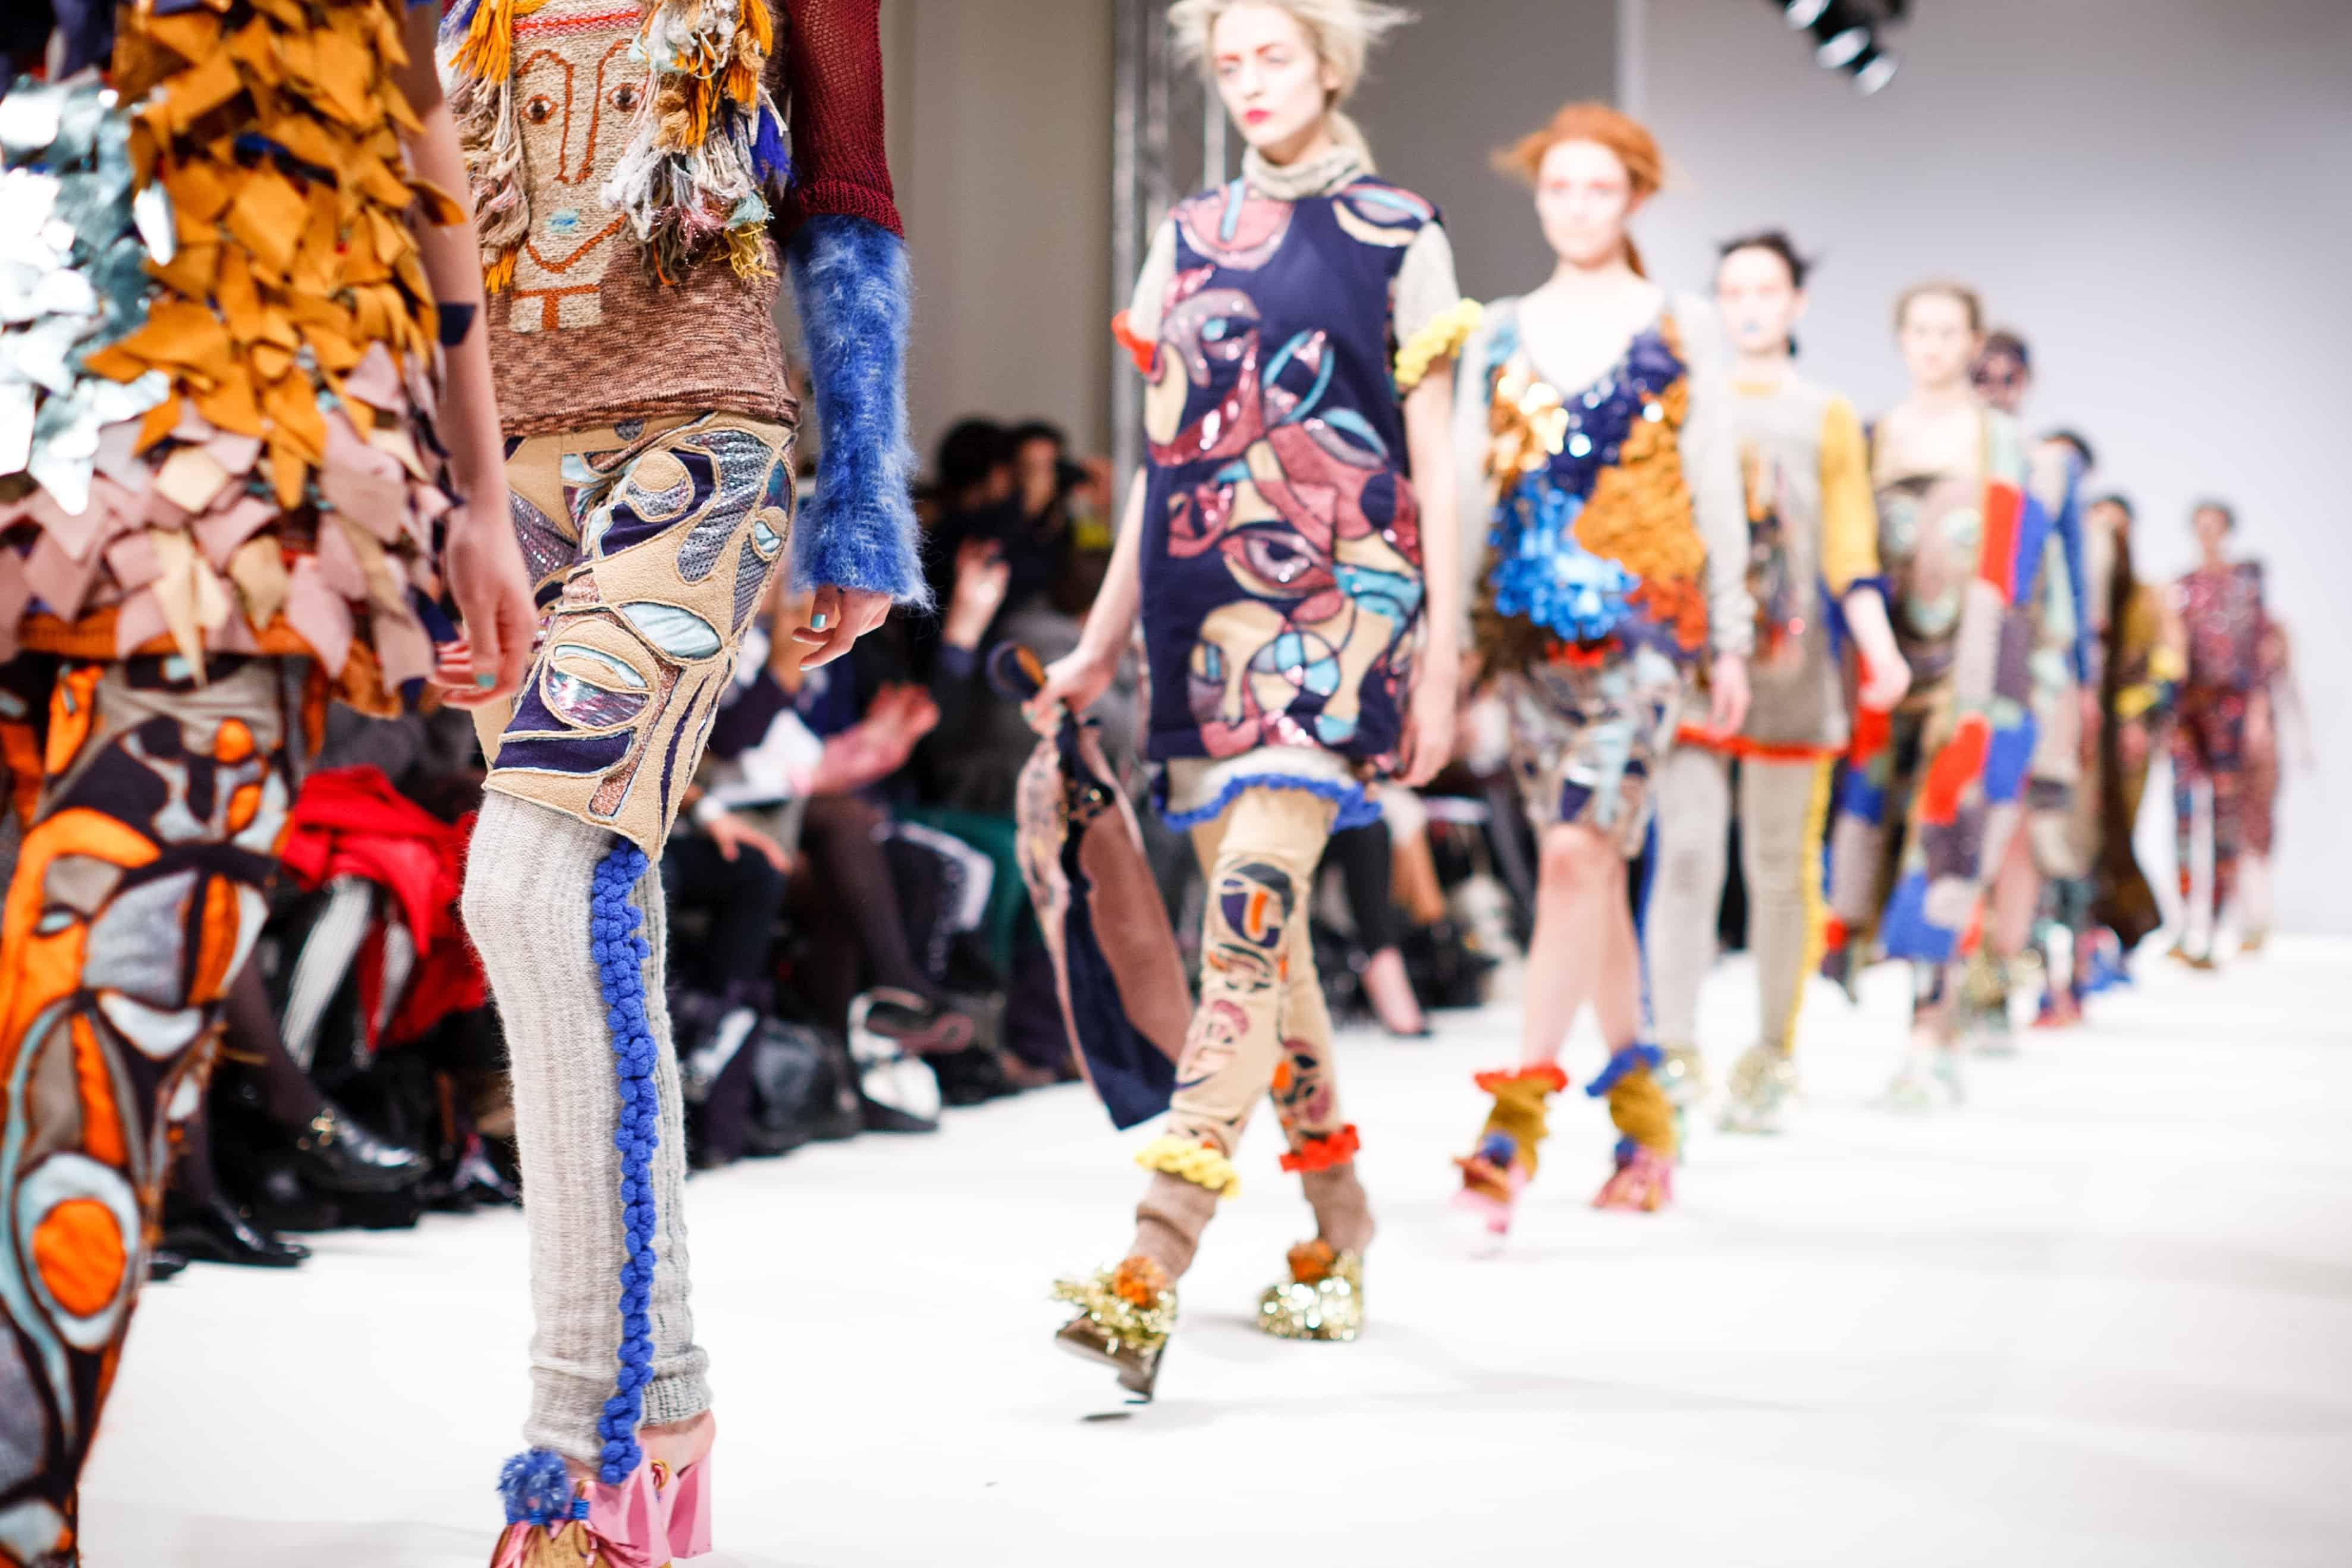 tendances de mode, tendance de mode, tendance mode, tendances vetements, mode tendance, mode et tendance, tendance 2018, les tendances de mode, tendance de la mode, les tendances mode, tendances modes, printemps ete, nouvelle tendance mode, tendances de modes, tendances de la mode, tendance et mode, la derniere tendance mode, les tendances de la mode, la mode tendance, les tendances, tendance de mode 2017, derniere tendance, mode tendances, tendance d emode, tendances fashion